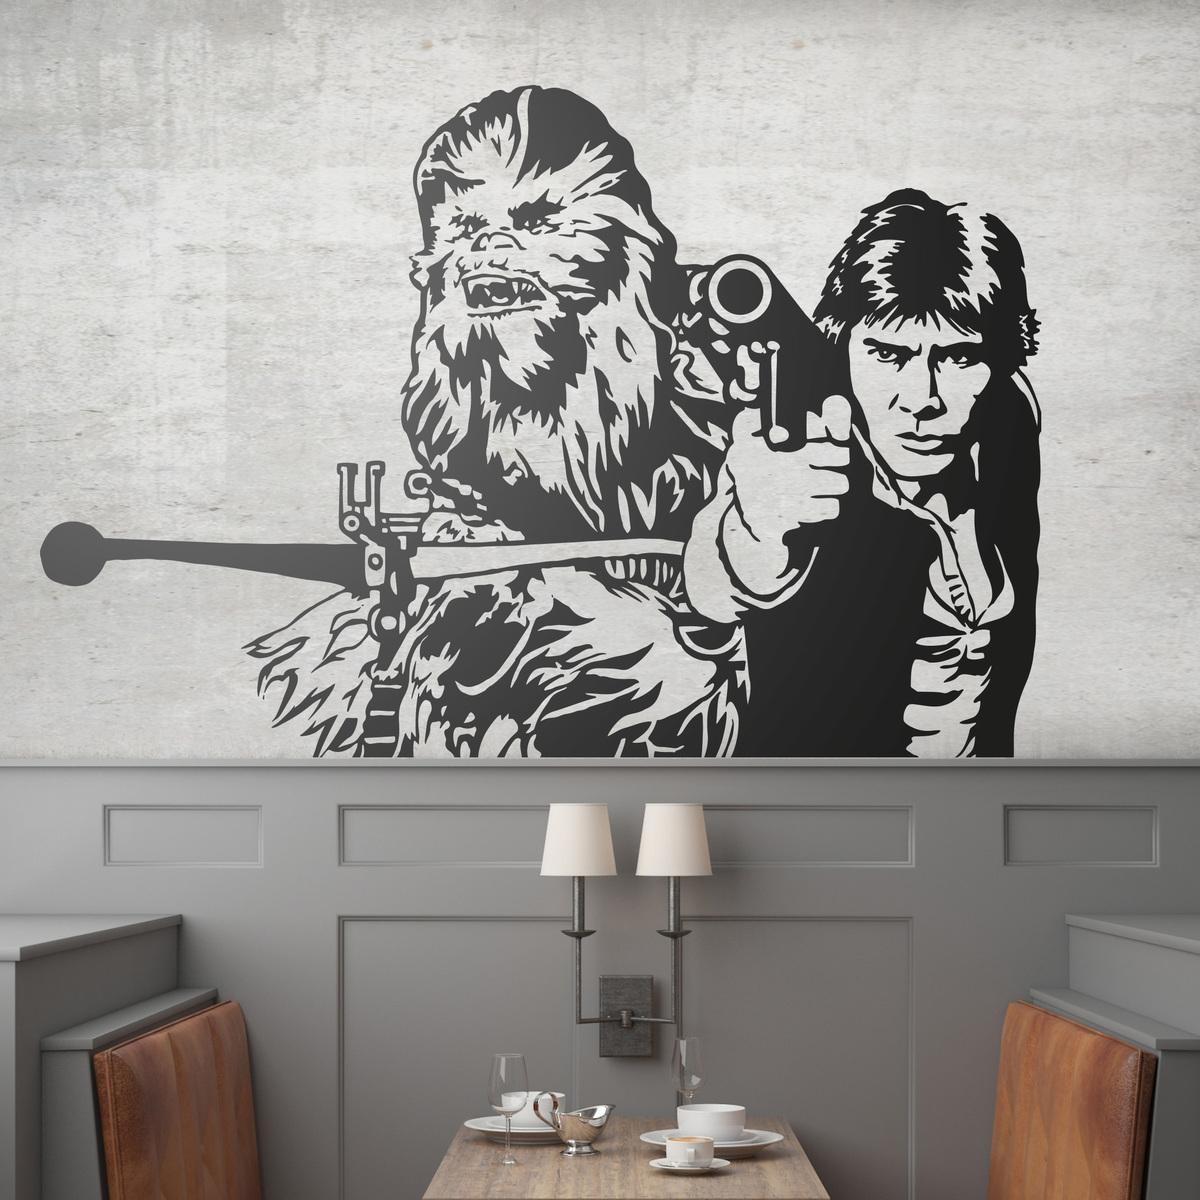 Novedad vinilo decorativo Chewbacca y Han Solo